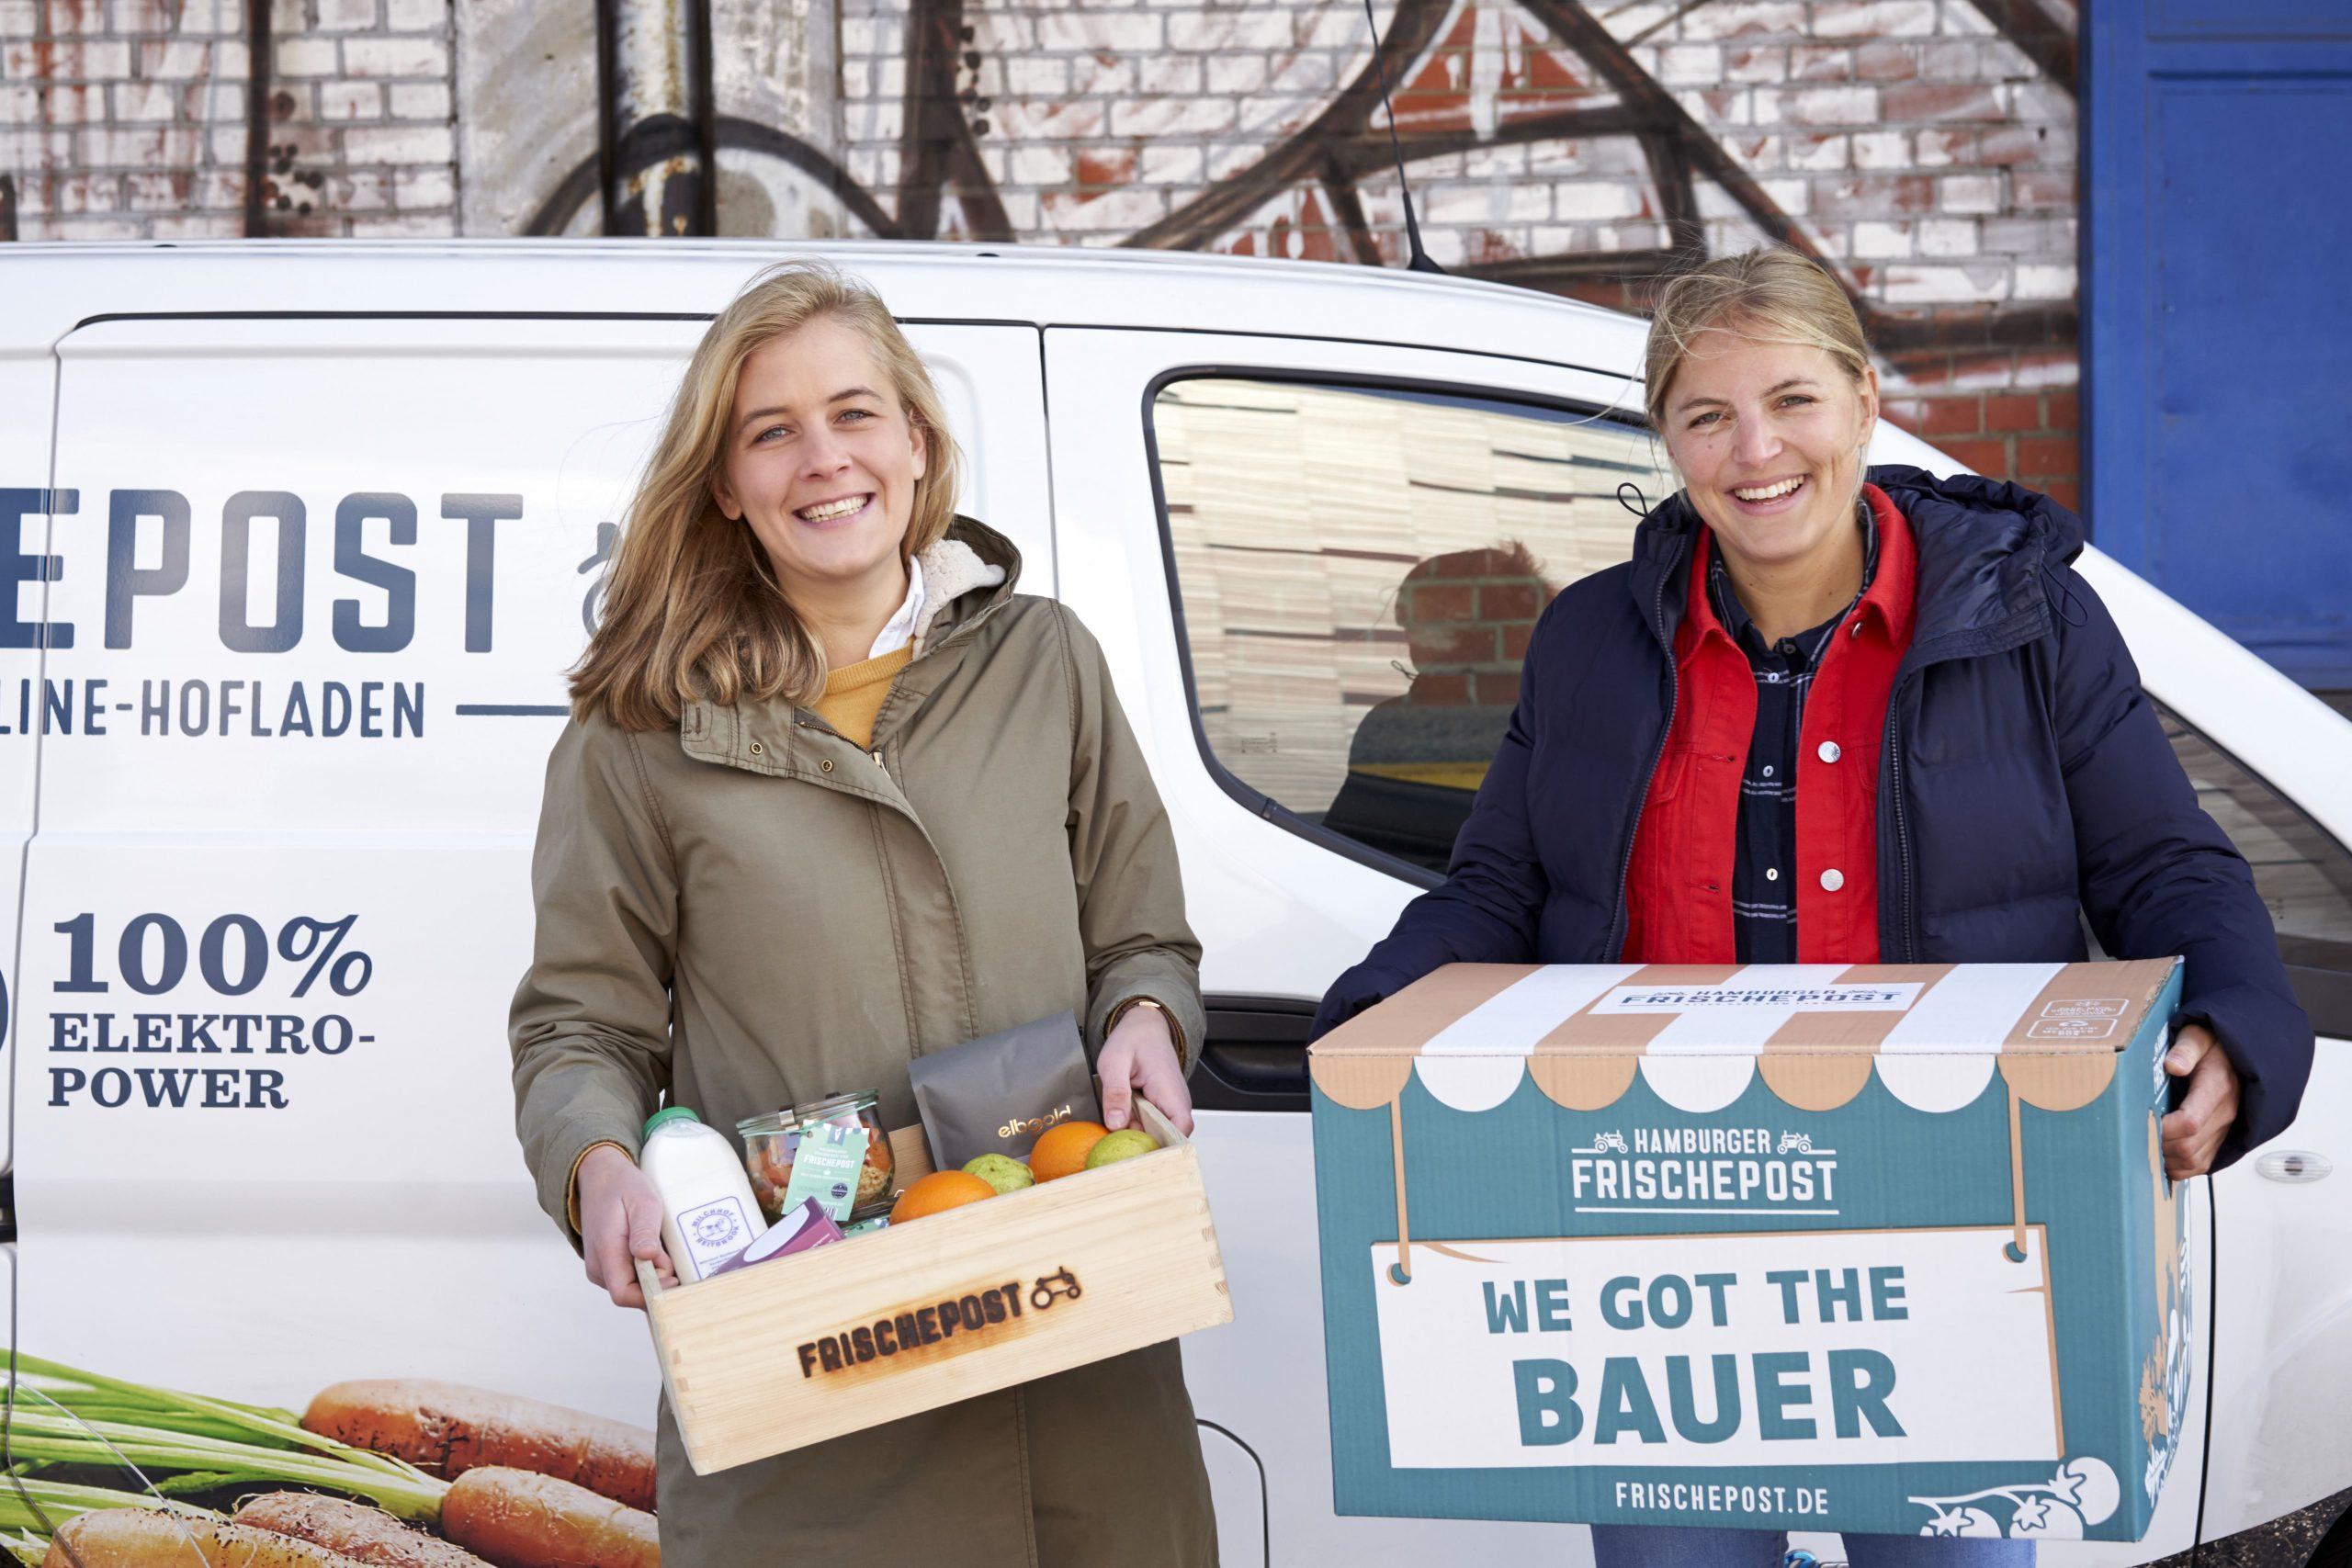 Frischepost liefert als Online-Hofladen direkt vom regionalen Bauern an die Haustür.